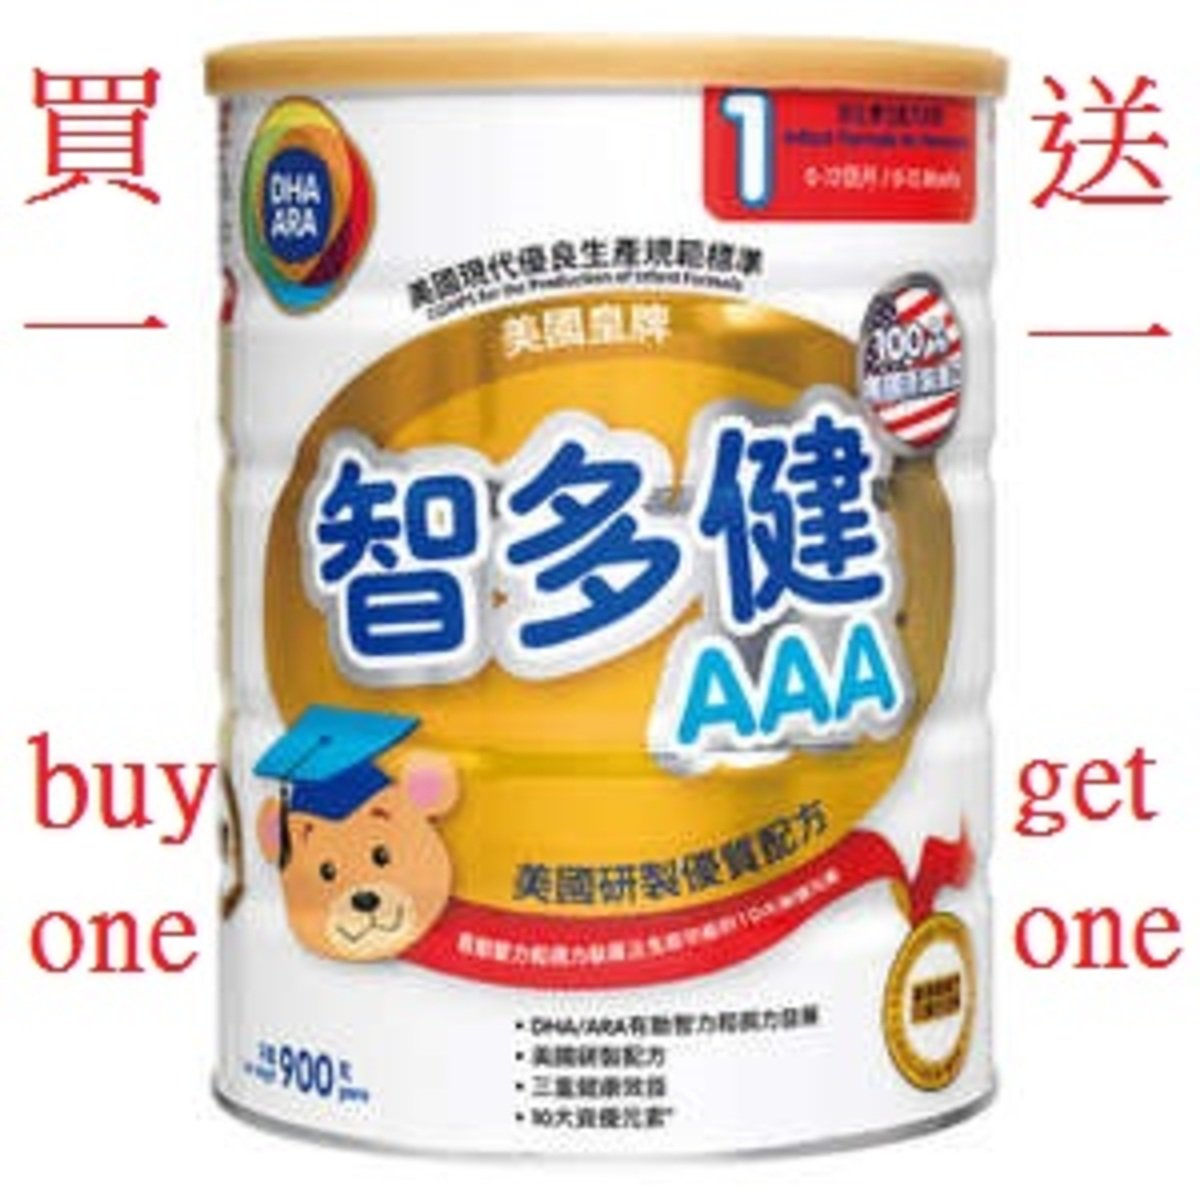 (買一送一)智多健AAA - 1號 (有效食用日期至2017年3月4日)